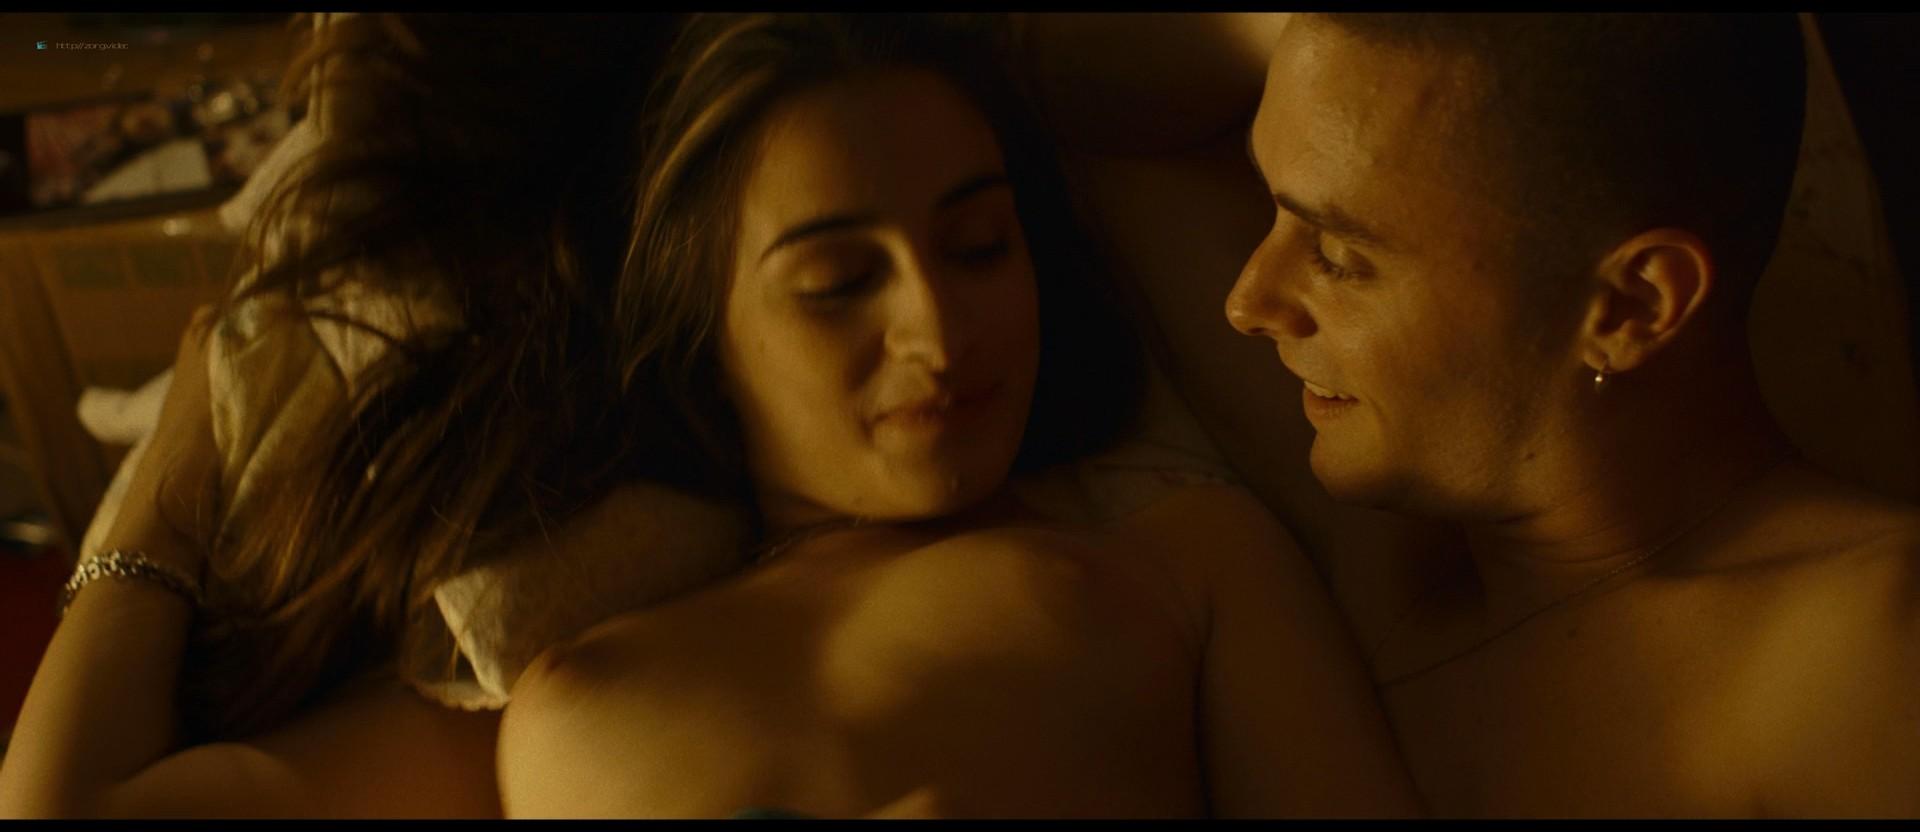 Michela De Rossi nude topless and hot sex - La Terra dell'abbastanza (IT-2018) HD 1080p BluRay (9)